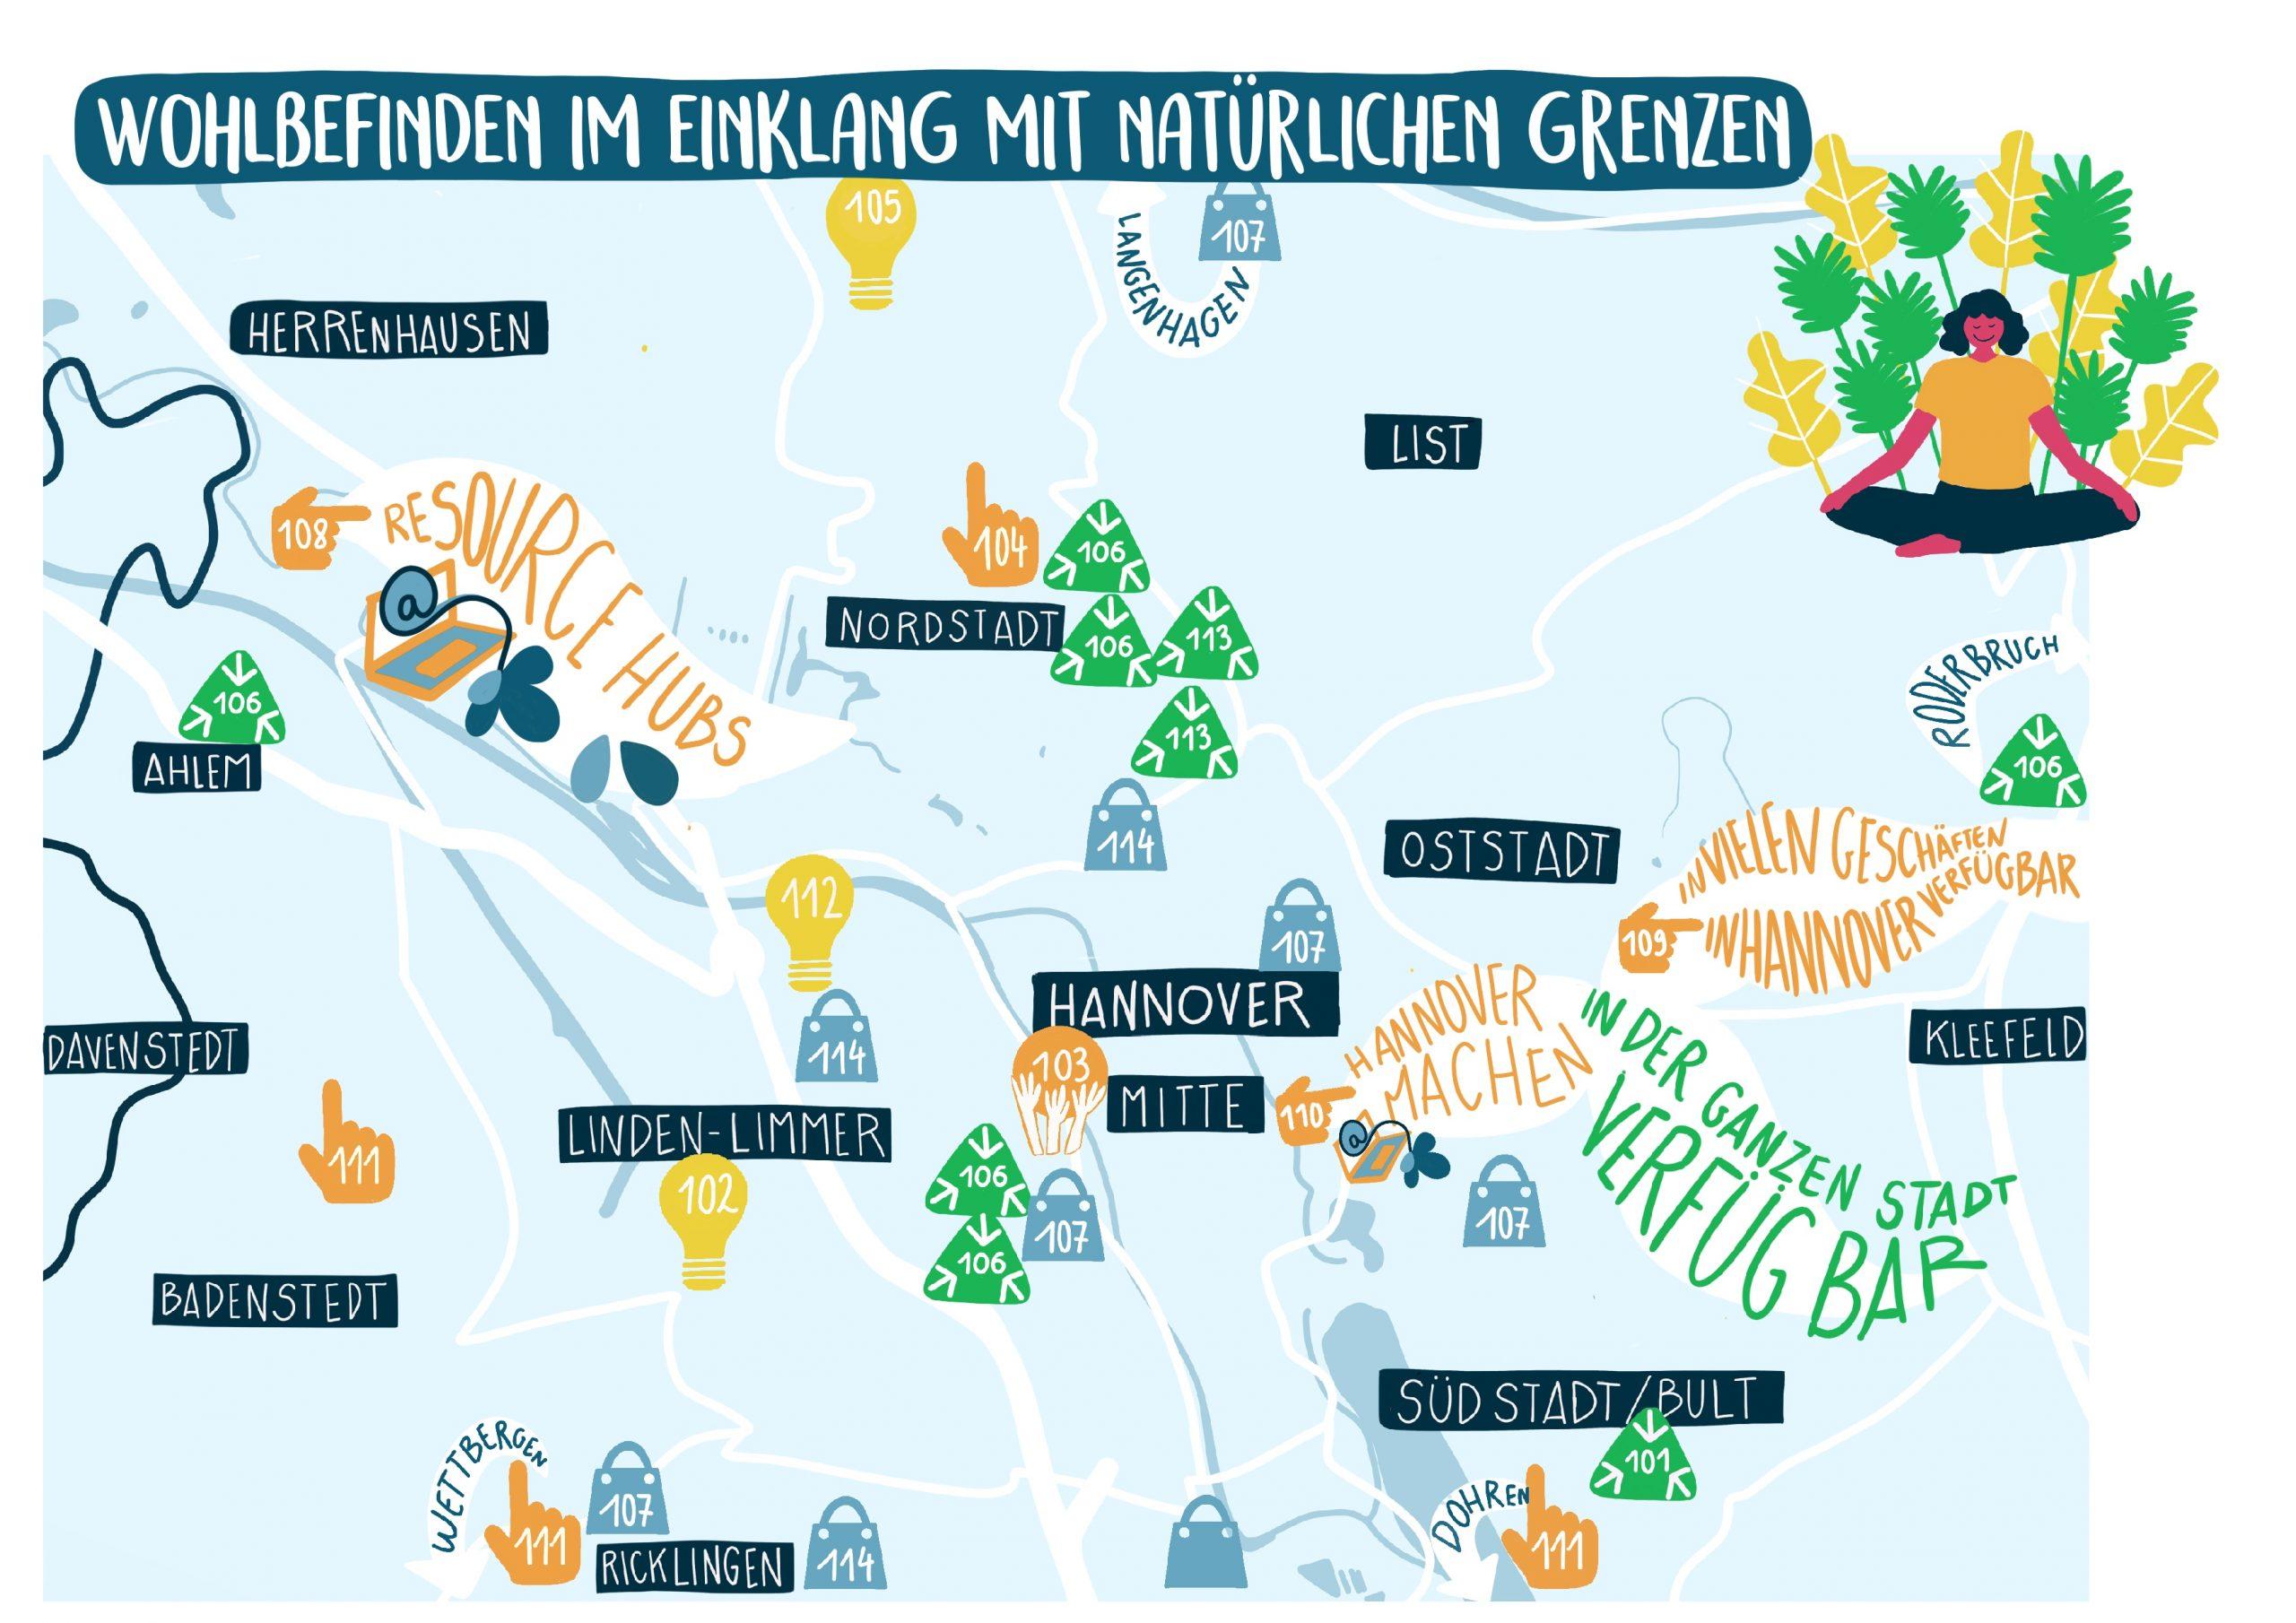 Karte Wohlbefinden im Einklang mit natürlichen Grenzen